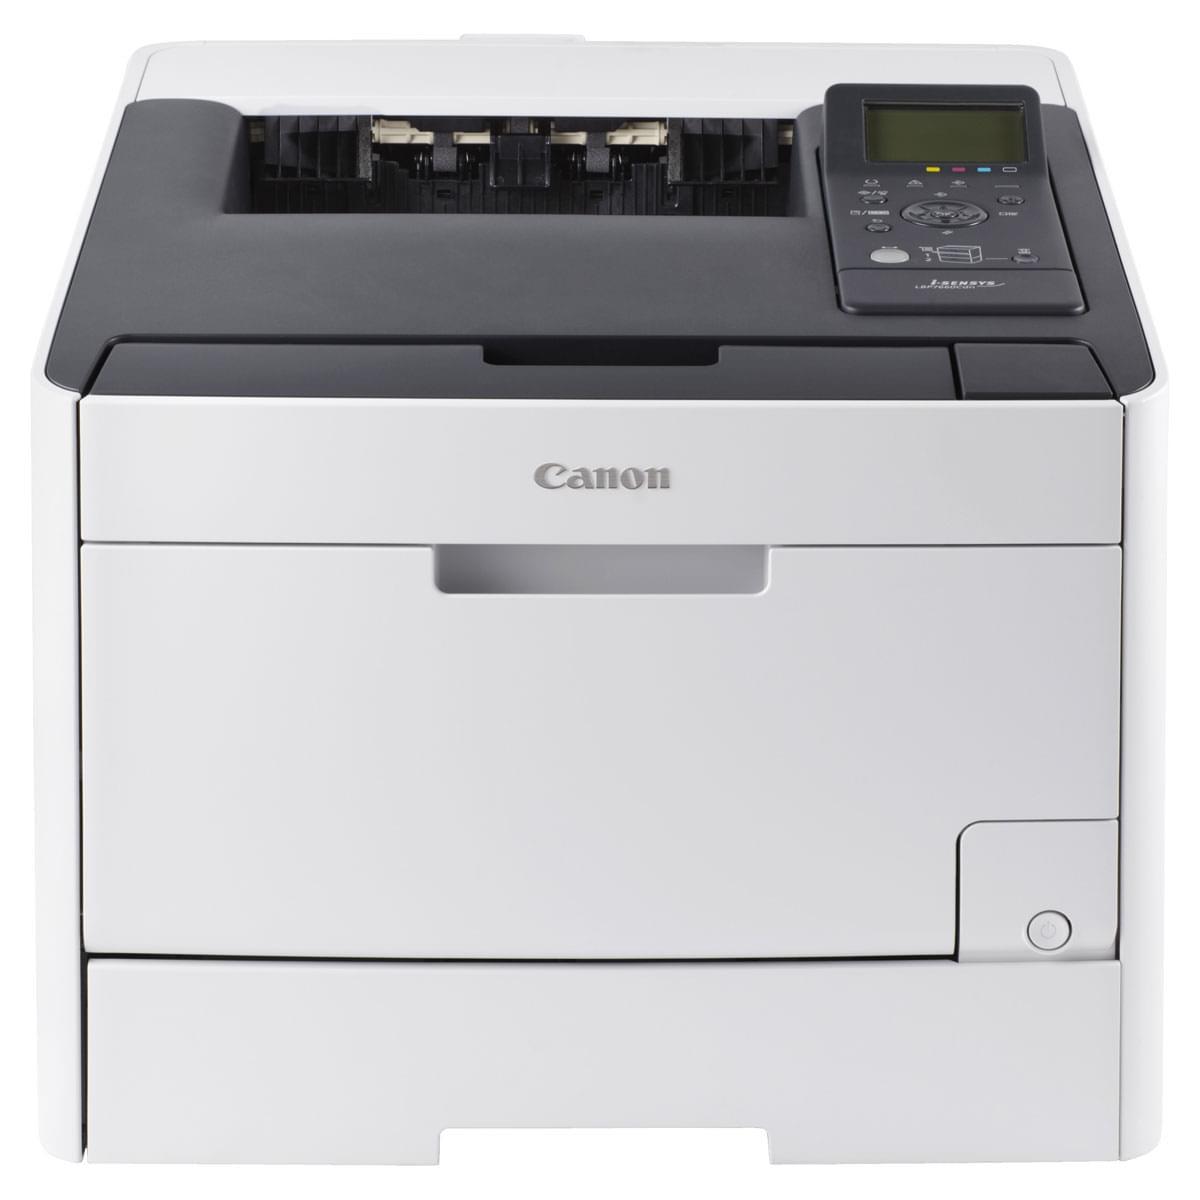 Canon I-Sensys LBP-7660Cdn (5089B003) - Achat / Vente Imprimante sur Cybertek.fr - 0